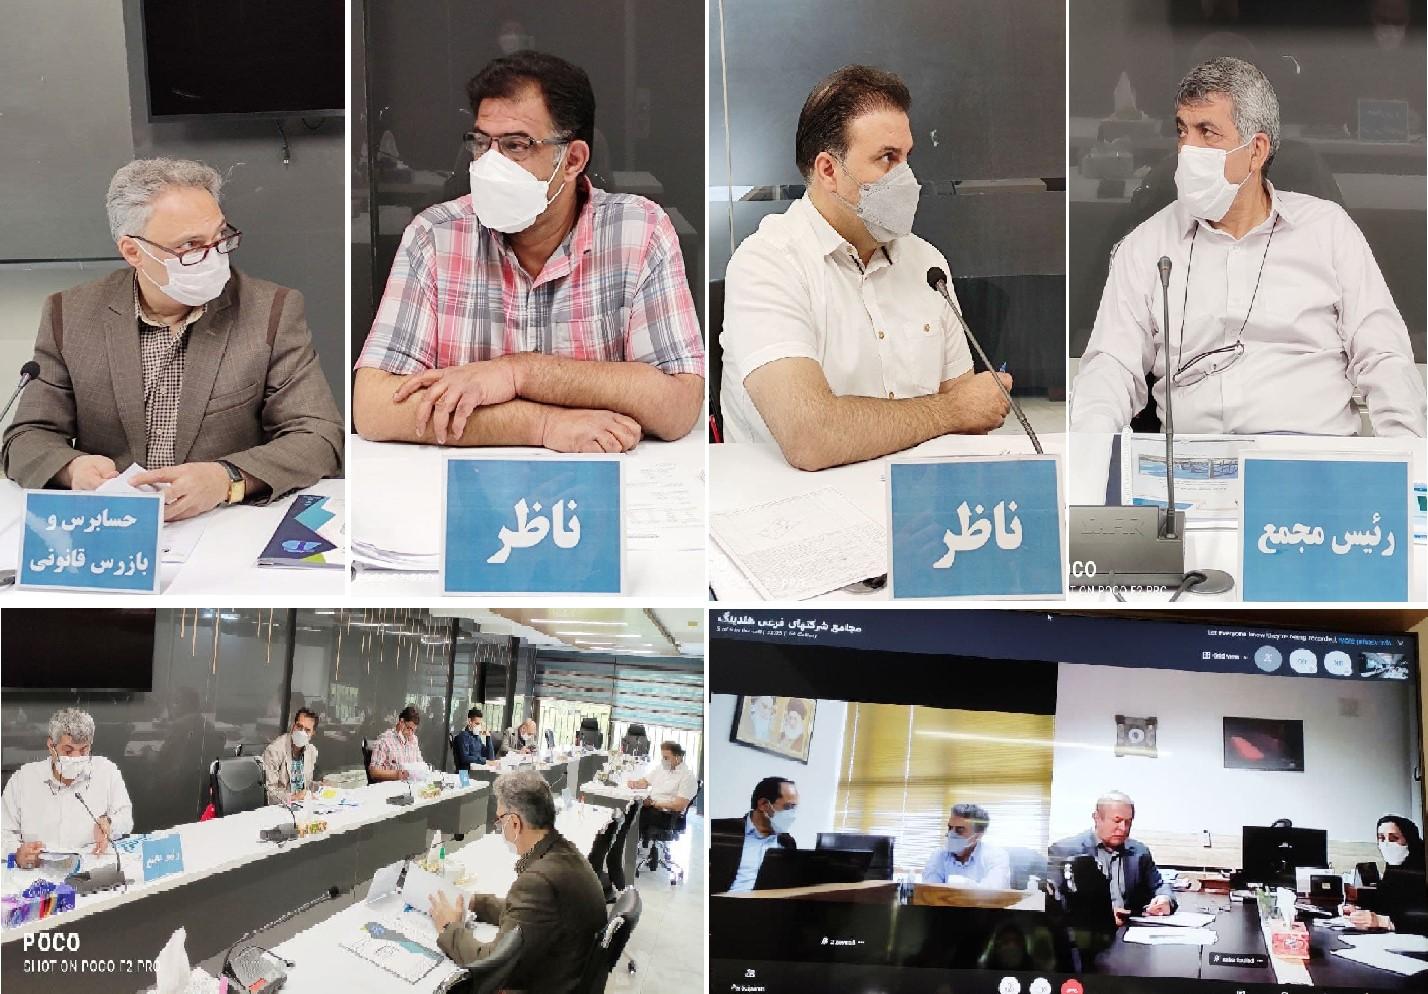 مجمع عمومی عادی شرکت صبا فولاد گیلان منتهی به 30 اسفند 99